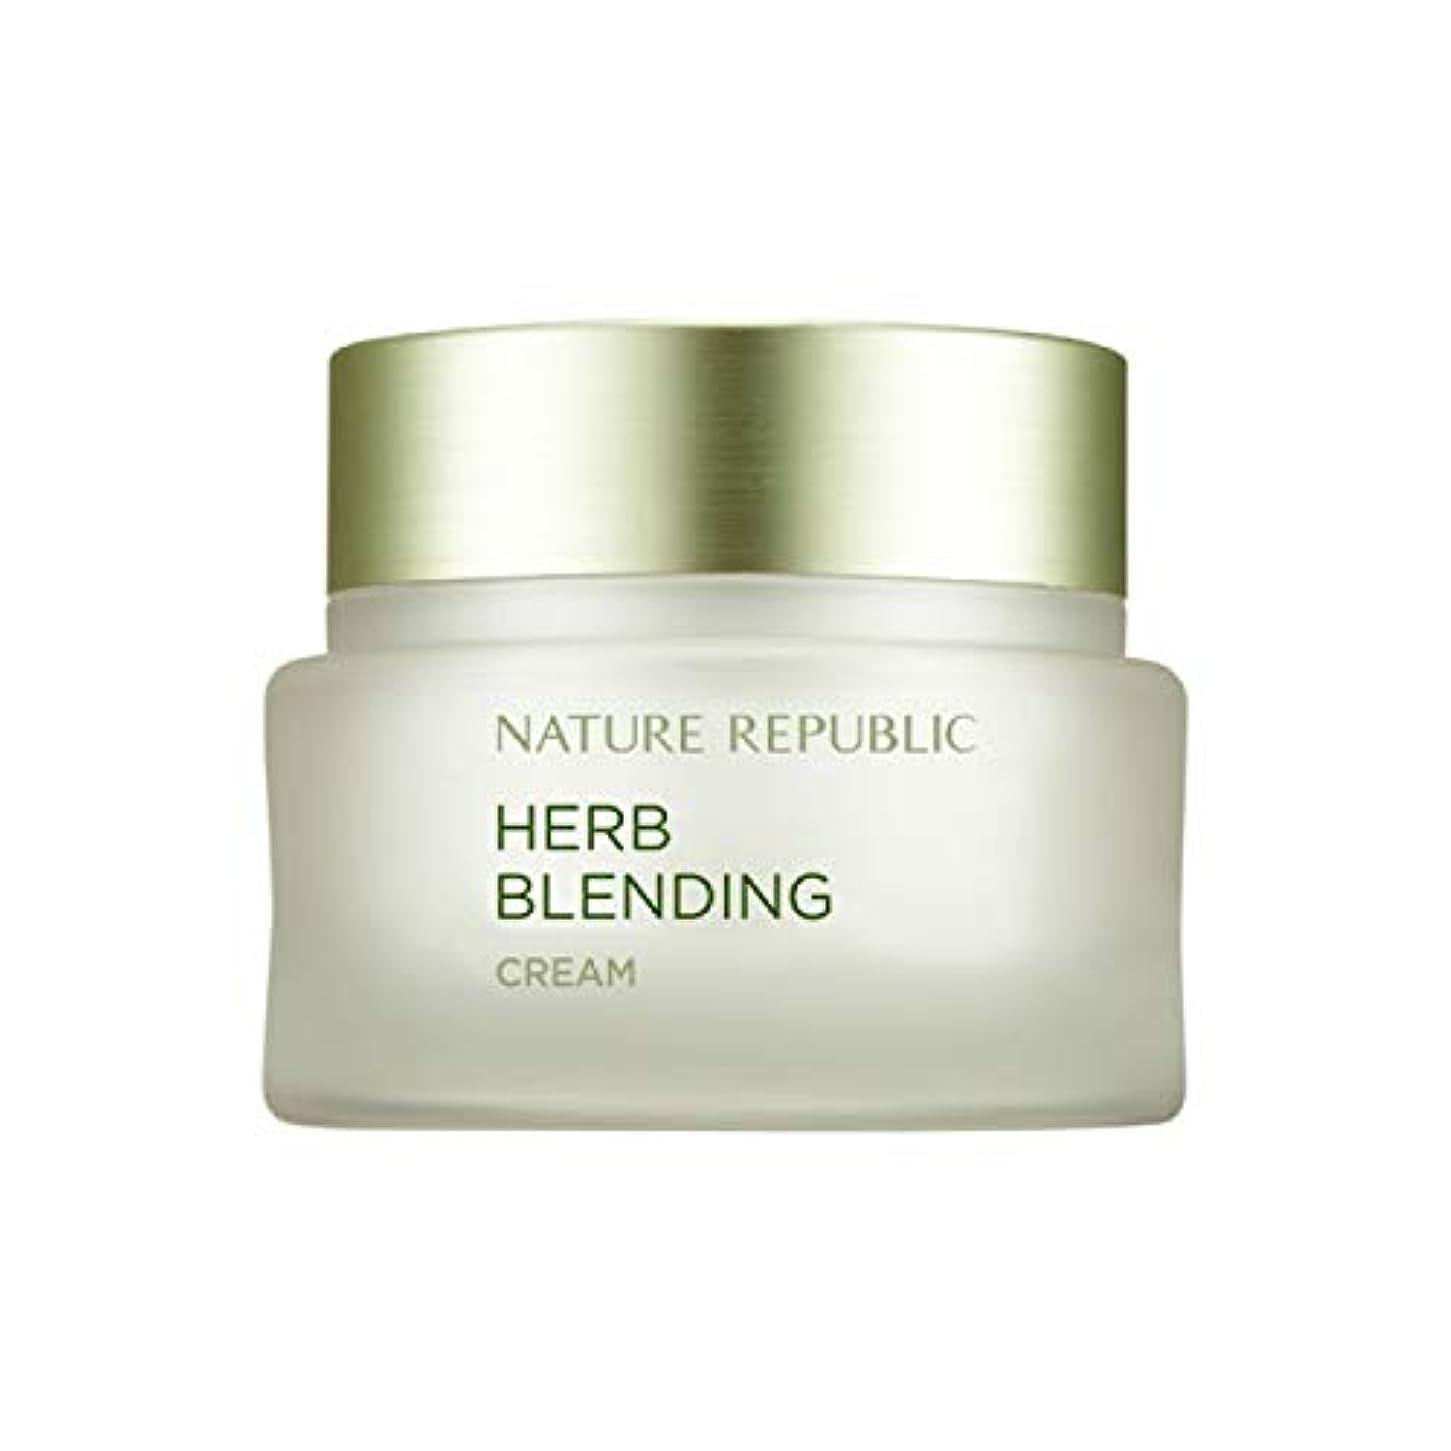 有効化クライアントすすり泣きネイチャーリパブリック(Nature Republic)ハブブレンドクリーム 50ml / Herb Blending Cream 50ml :: 韓国コスメ [並行輸入品]